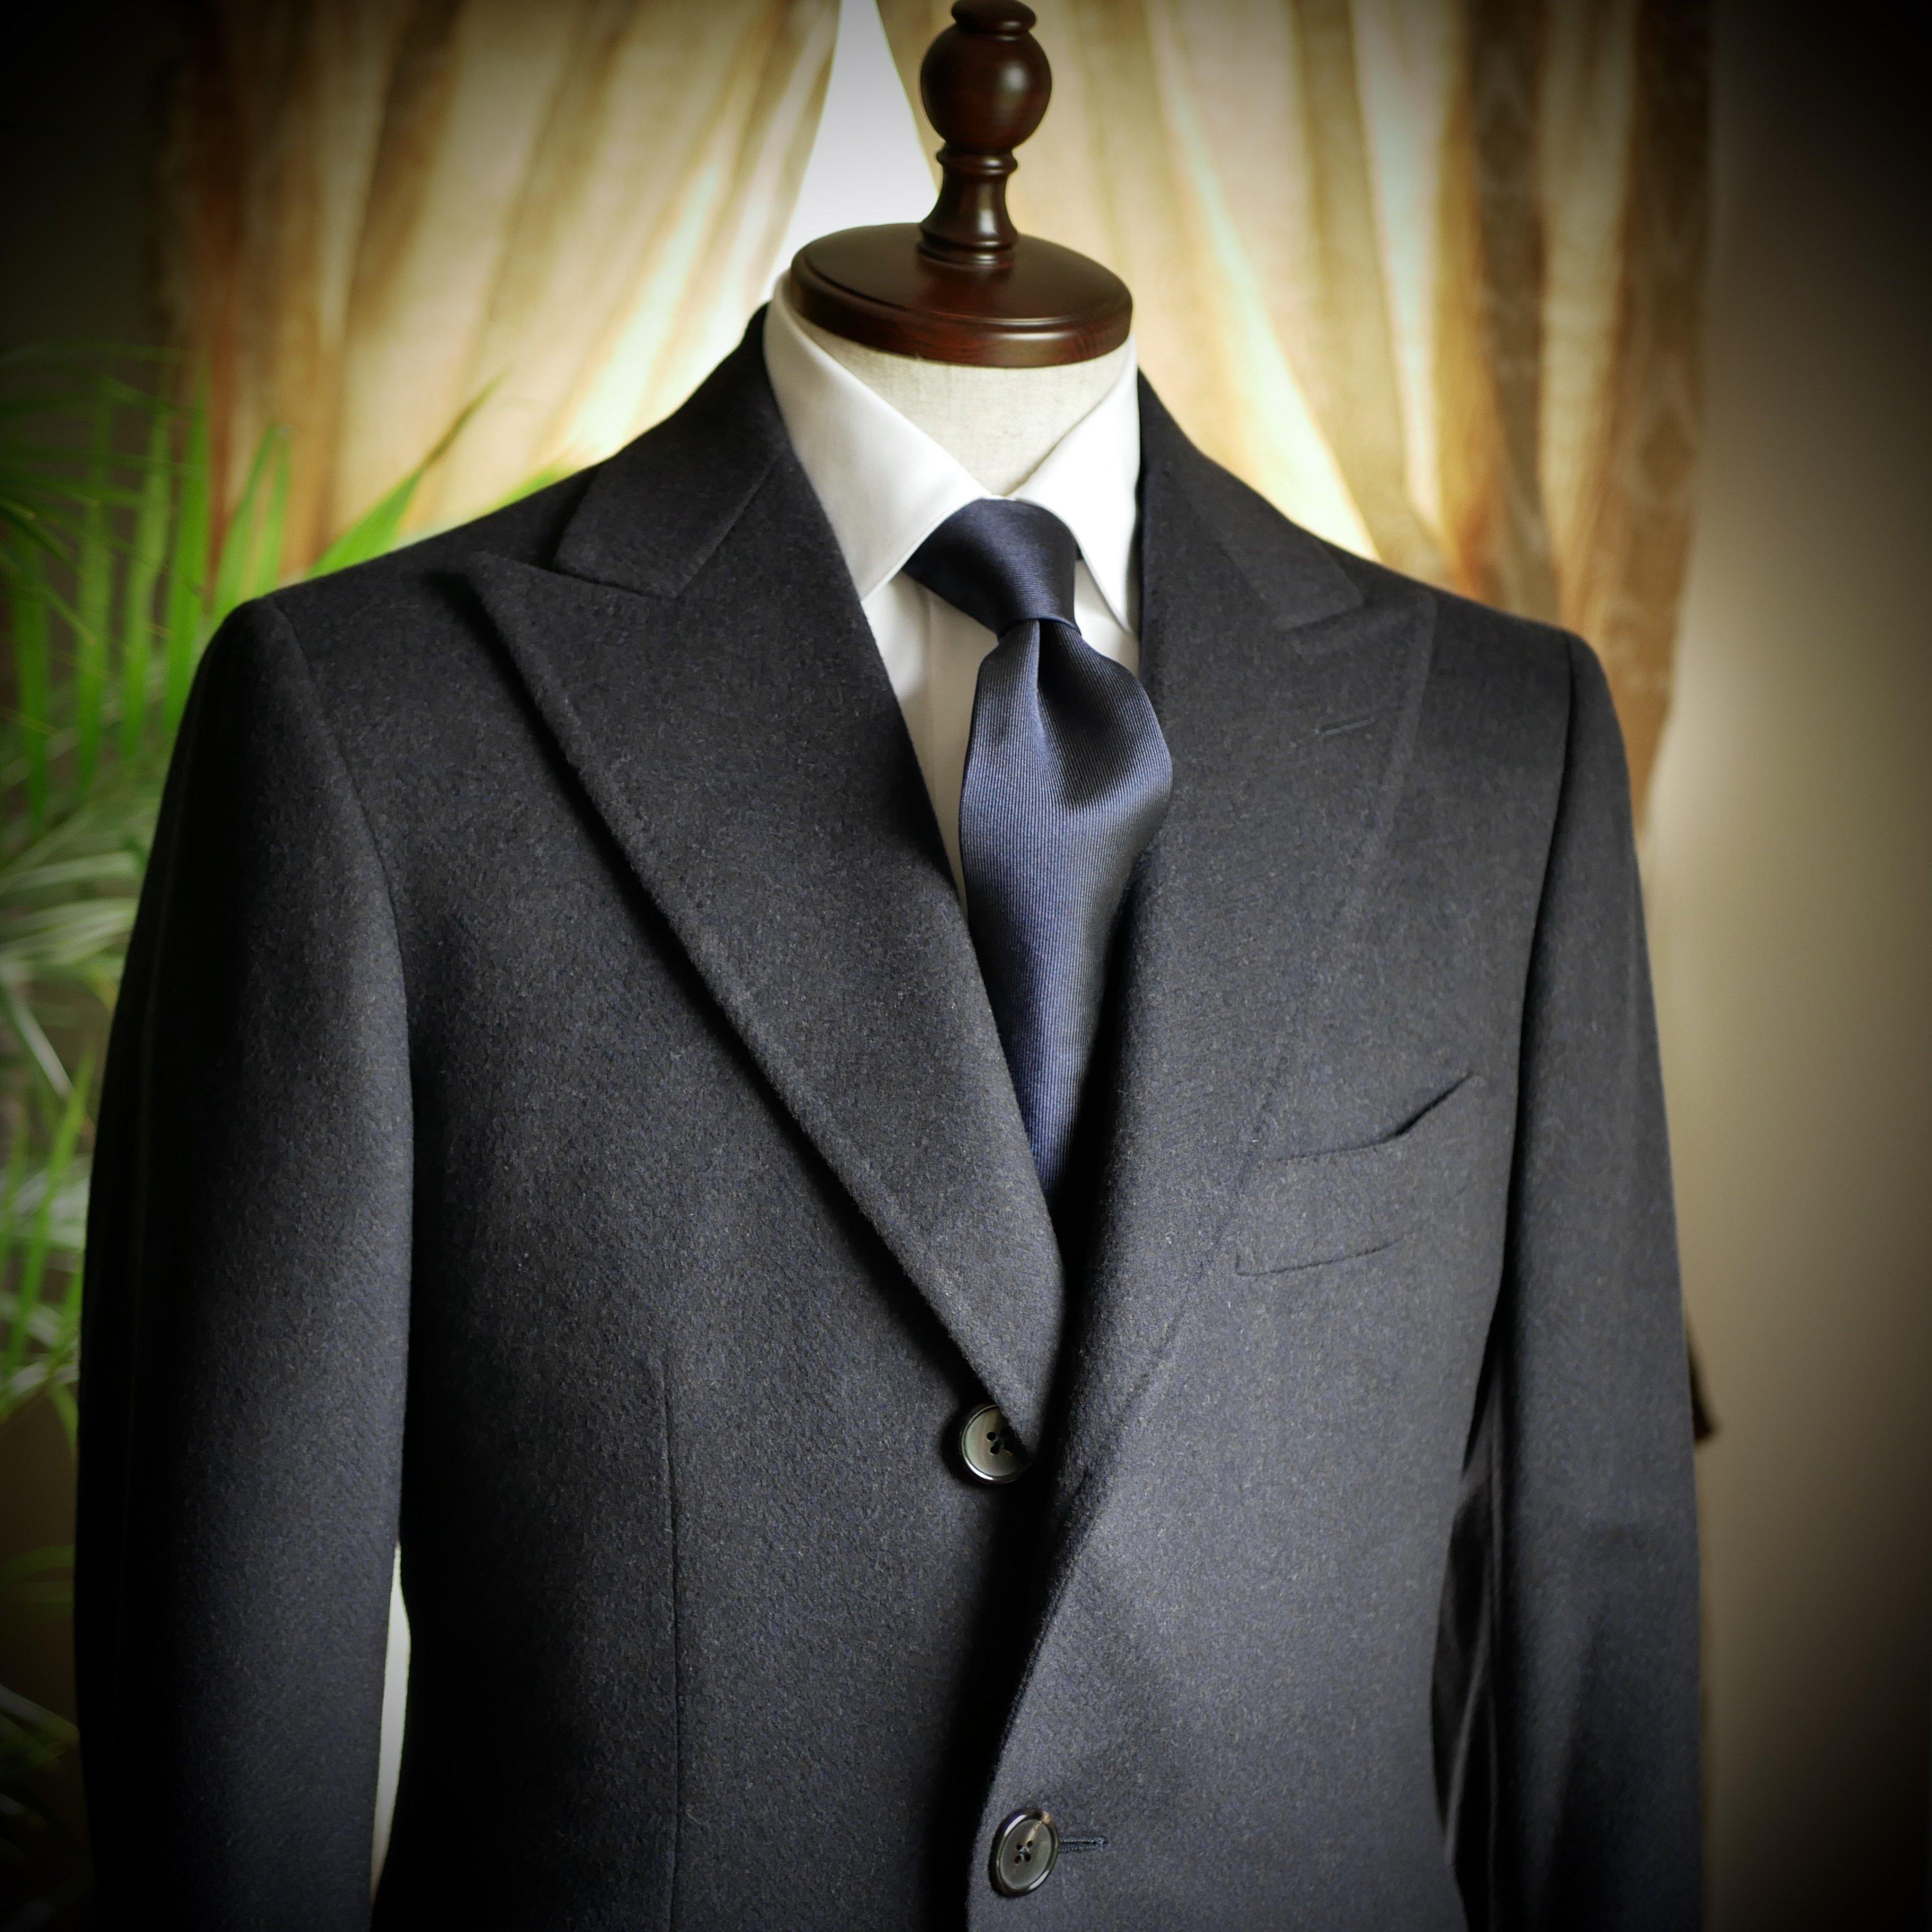 Overcoat_20201006_overcoat_04.jpg